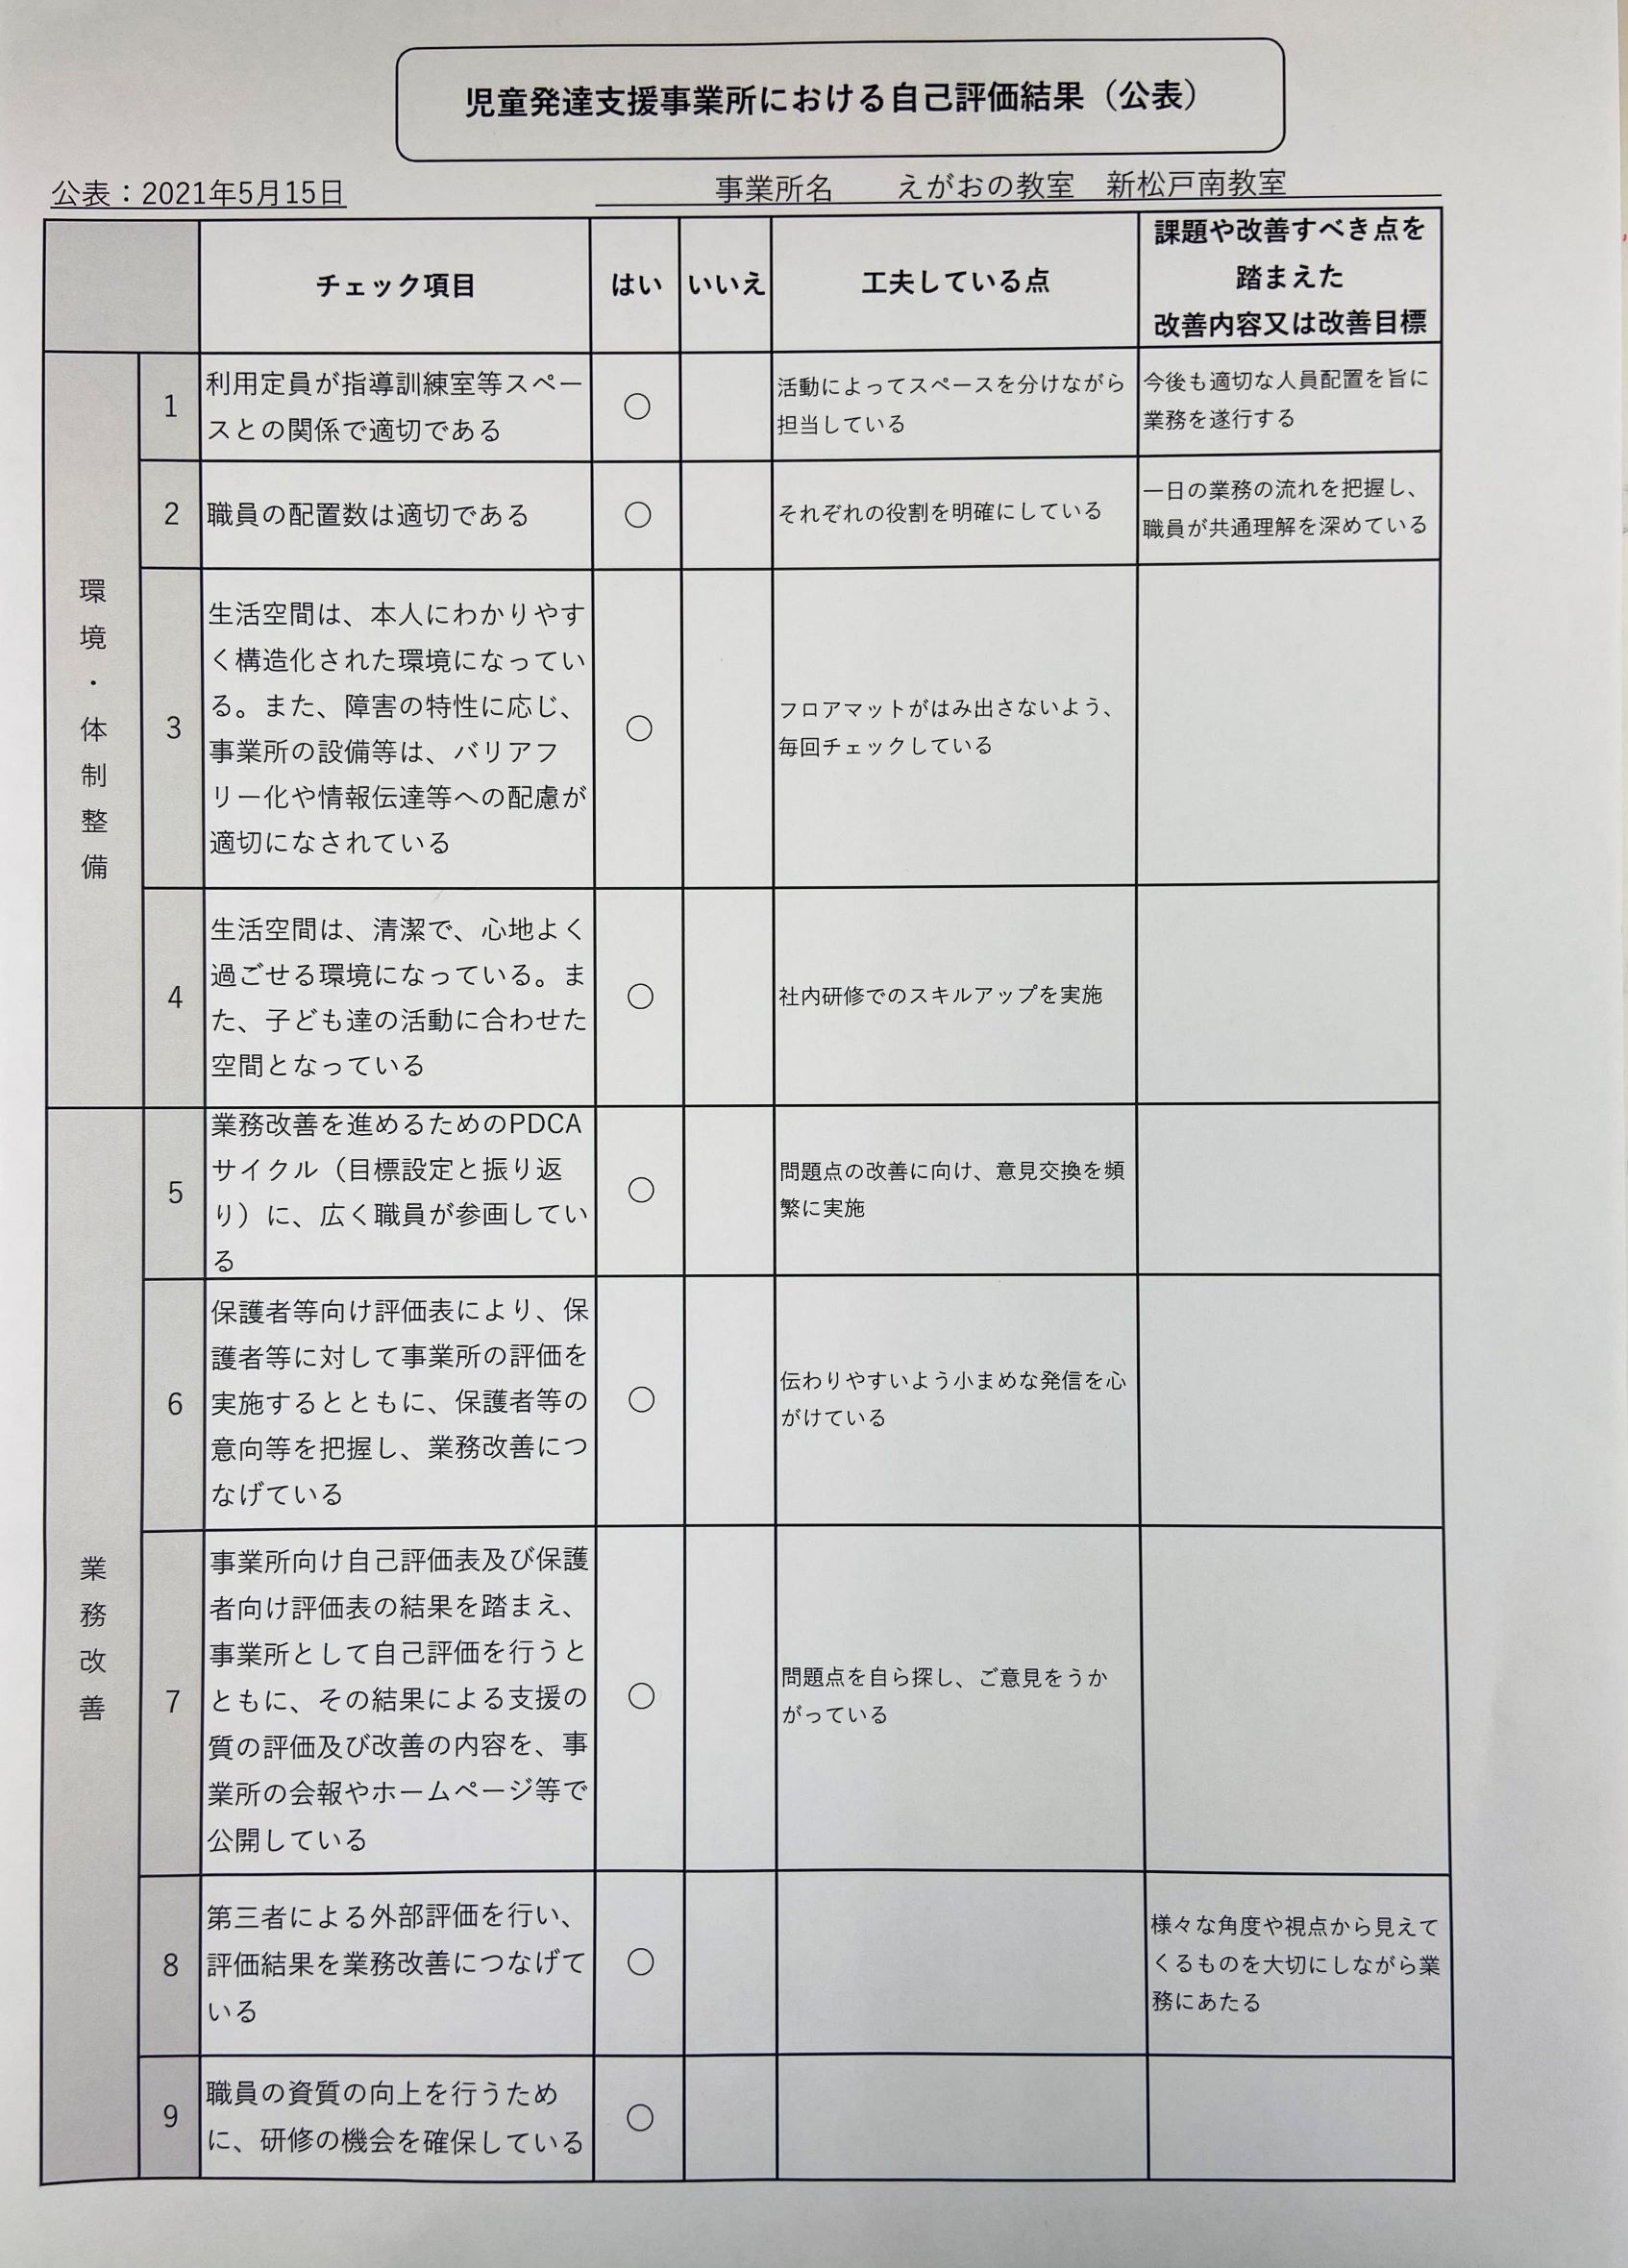 児童発達支援事業所における自己評価結果公表【新松戸南教室】